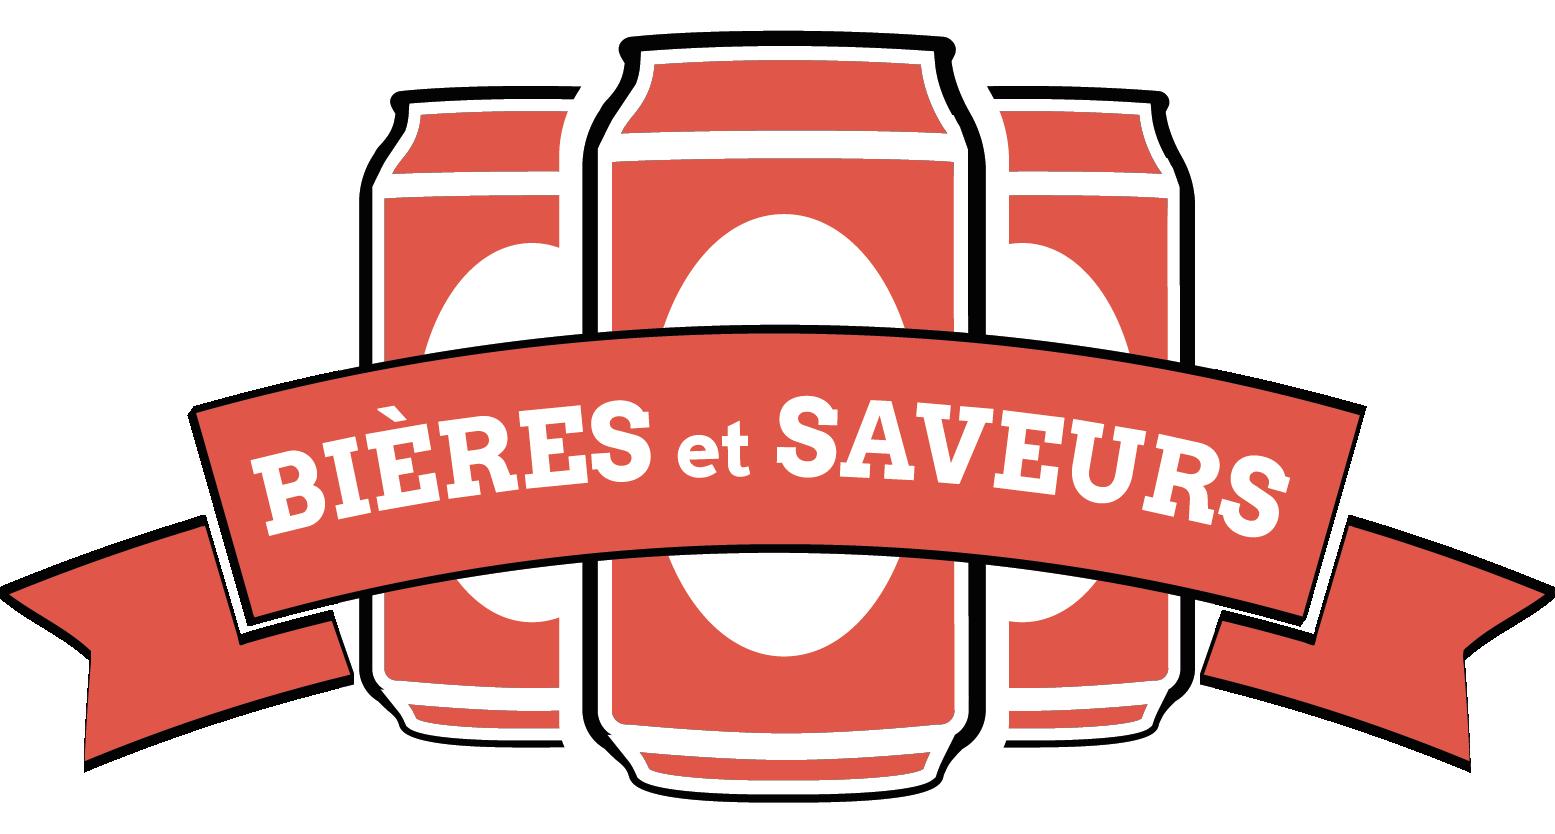 Bières et saveurs du terroir